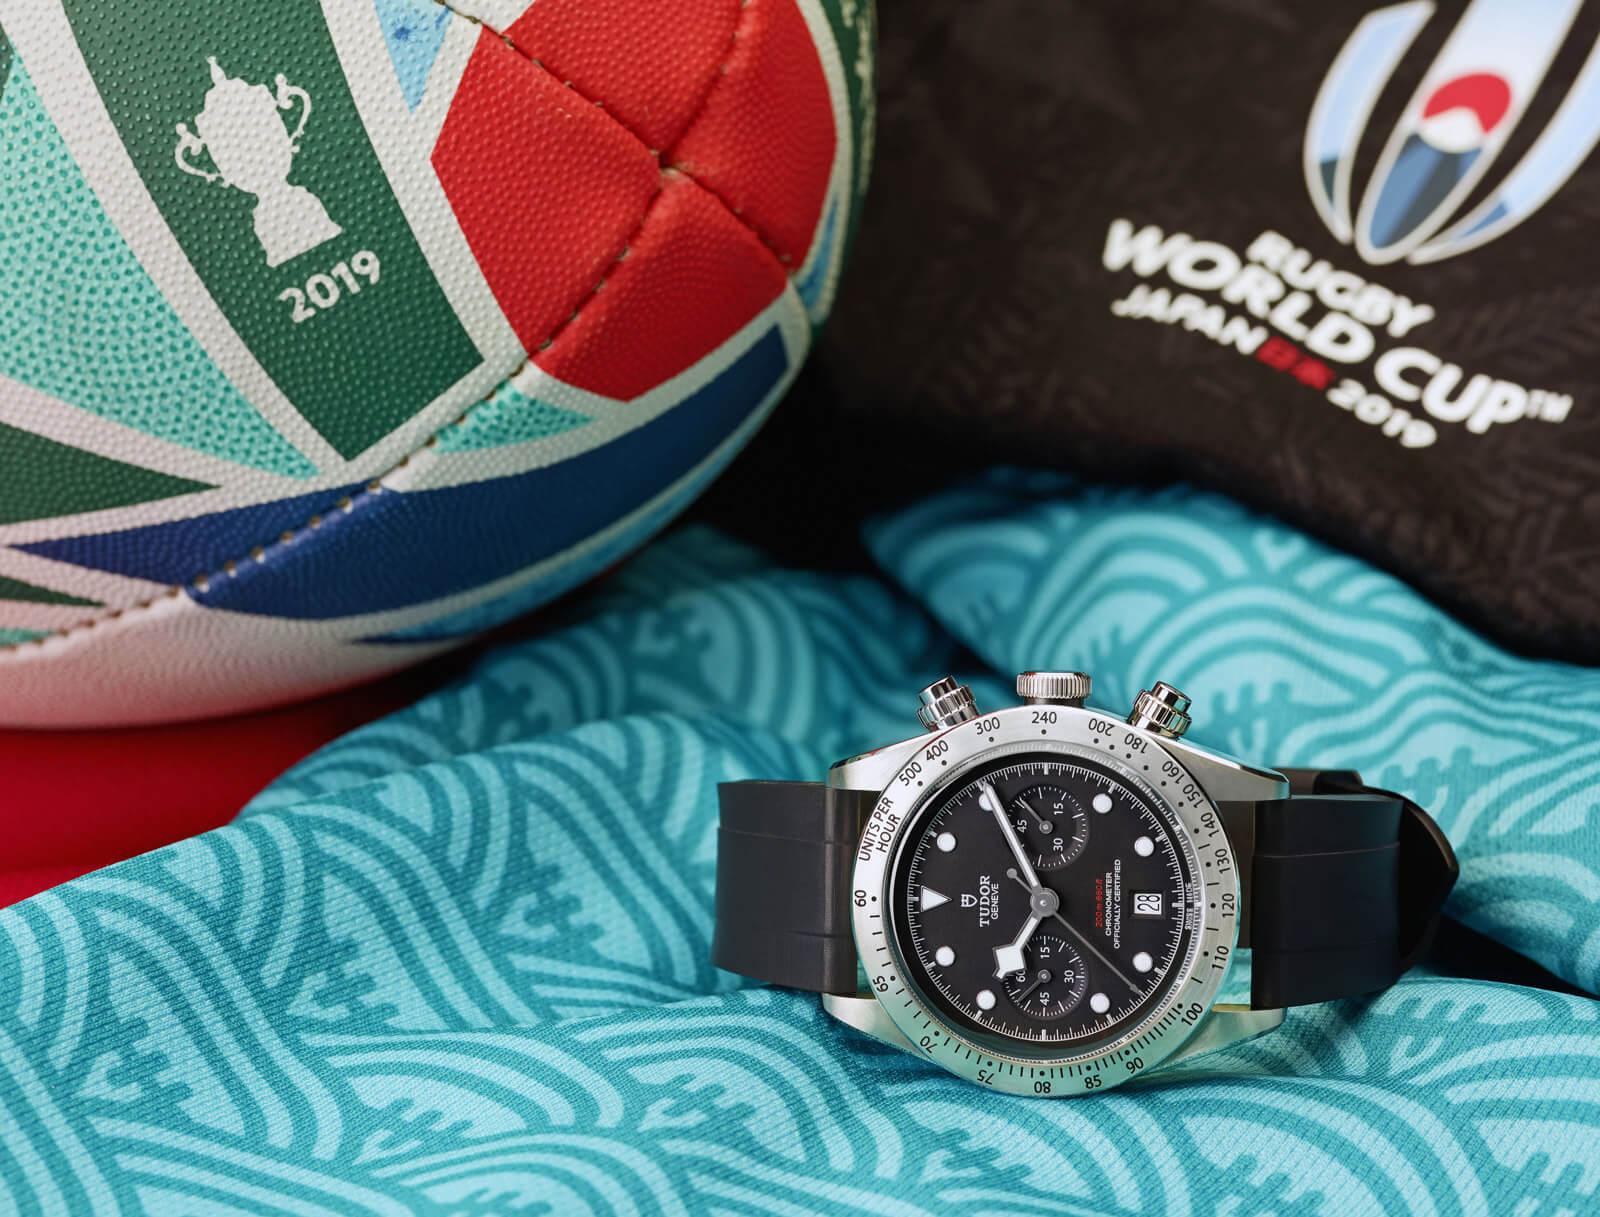 Tudor – Zvanični merač vremena Svetskog šampionata u ragbiju 2019. godine